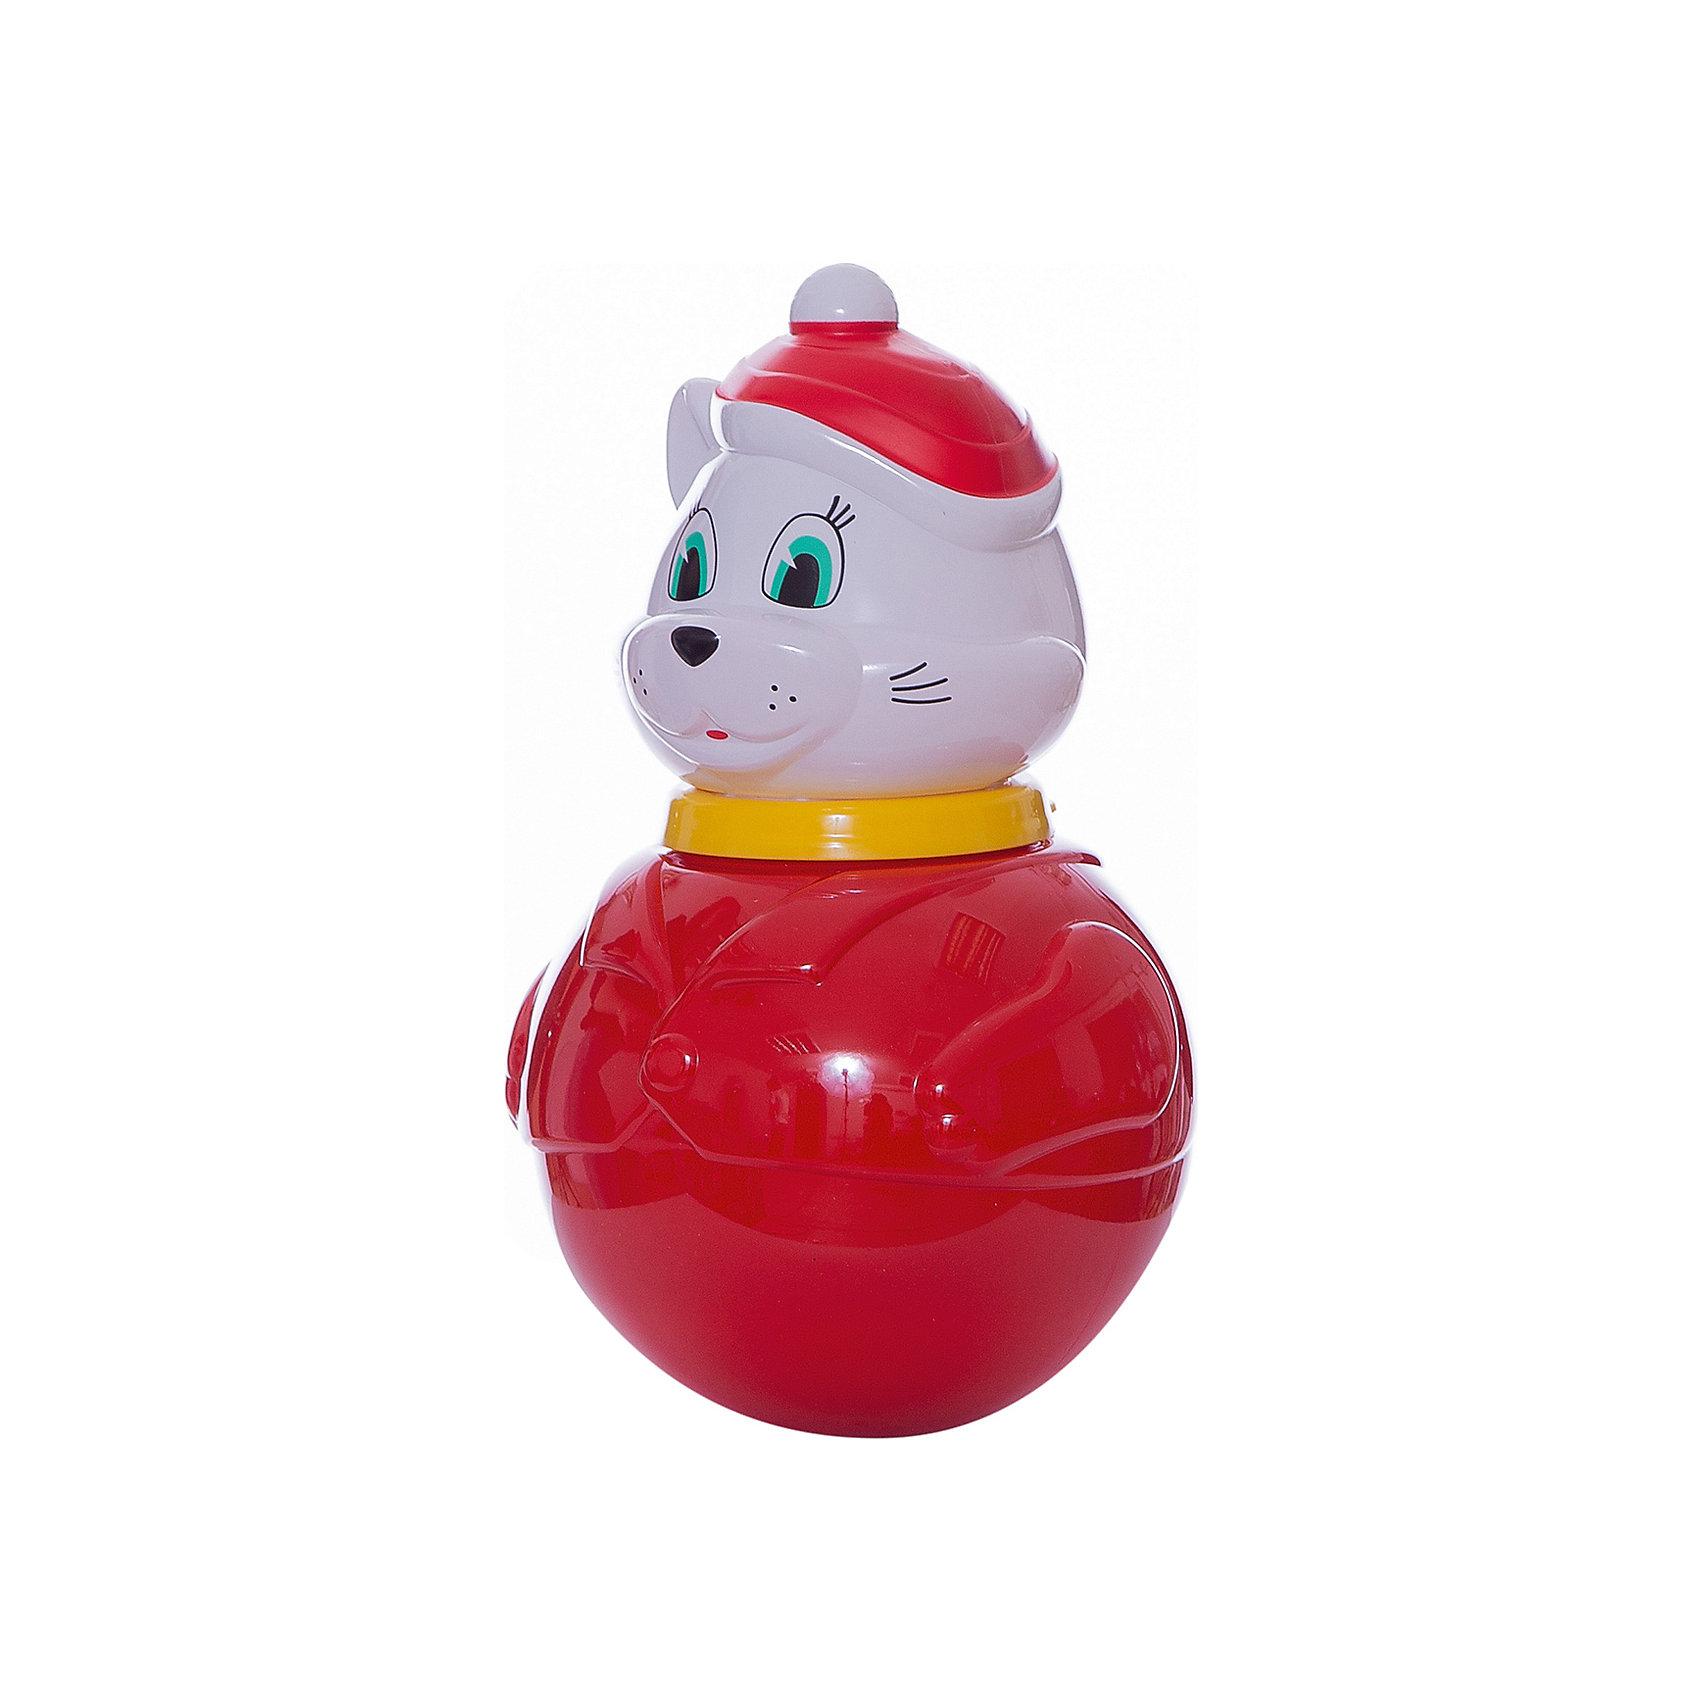 Стеллар Неваляшка большая Кот Мурлыка(коробка)Неваляшки<br>Стеллар Неваляшка большая Кот Мурлыка (коробка)<br><br>Характеристики:<br><br>• Материал: пластик<br>• Размер: 10х16х10 см<br>• Возраст: от 6 месяцев<br><br>Веселая неваляшка котик развеселит малыша. Как только ребенок начнет укладывать игрушку, она тут же встанет. Яркая расцветка не тускнеет, а качественный материал очень крепкий и полностью безопасен для детей. Миленькая мордочка хитрого кота однозначно придется по душе, как девочкам, так и мальчикам.<br><br>Стеллар Неваляшка большая Кот Мурлыка (коробка) можно купить в нашем интернет-магазине.<br><br>Ширина мм: 190<br>Глубина мм: 190<br>Высота мм: 295<br>Вес г: 620<br>Возраст от месяцев: 6<br>Возраст до месяцев: 36<br>Пол: Унисекс<br>Возраст: Детский<br>SKU: 2407096